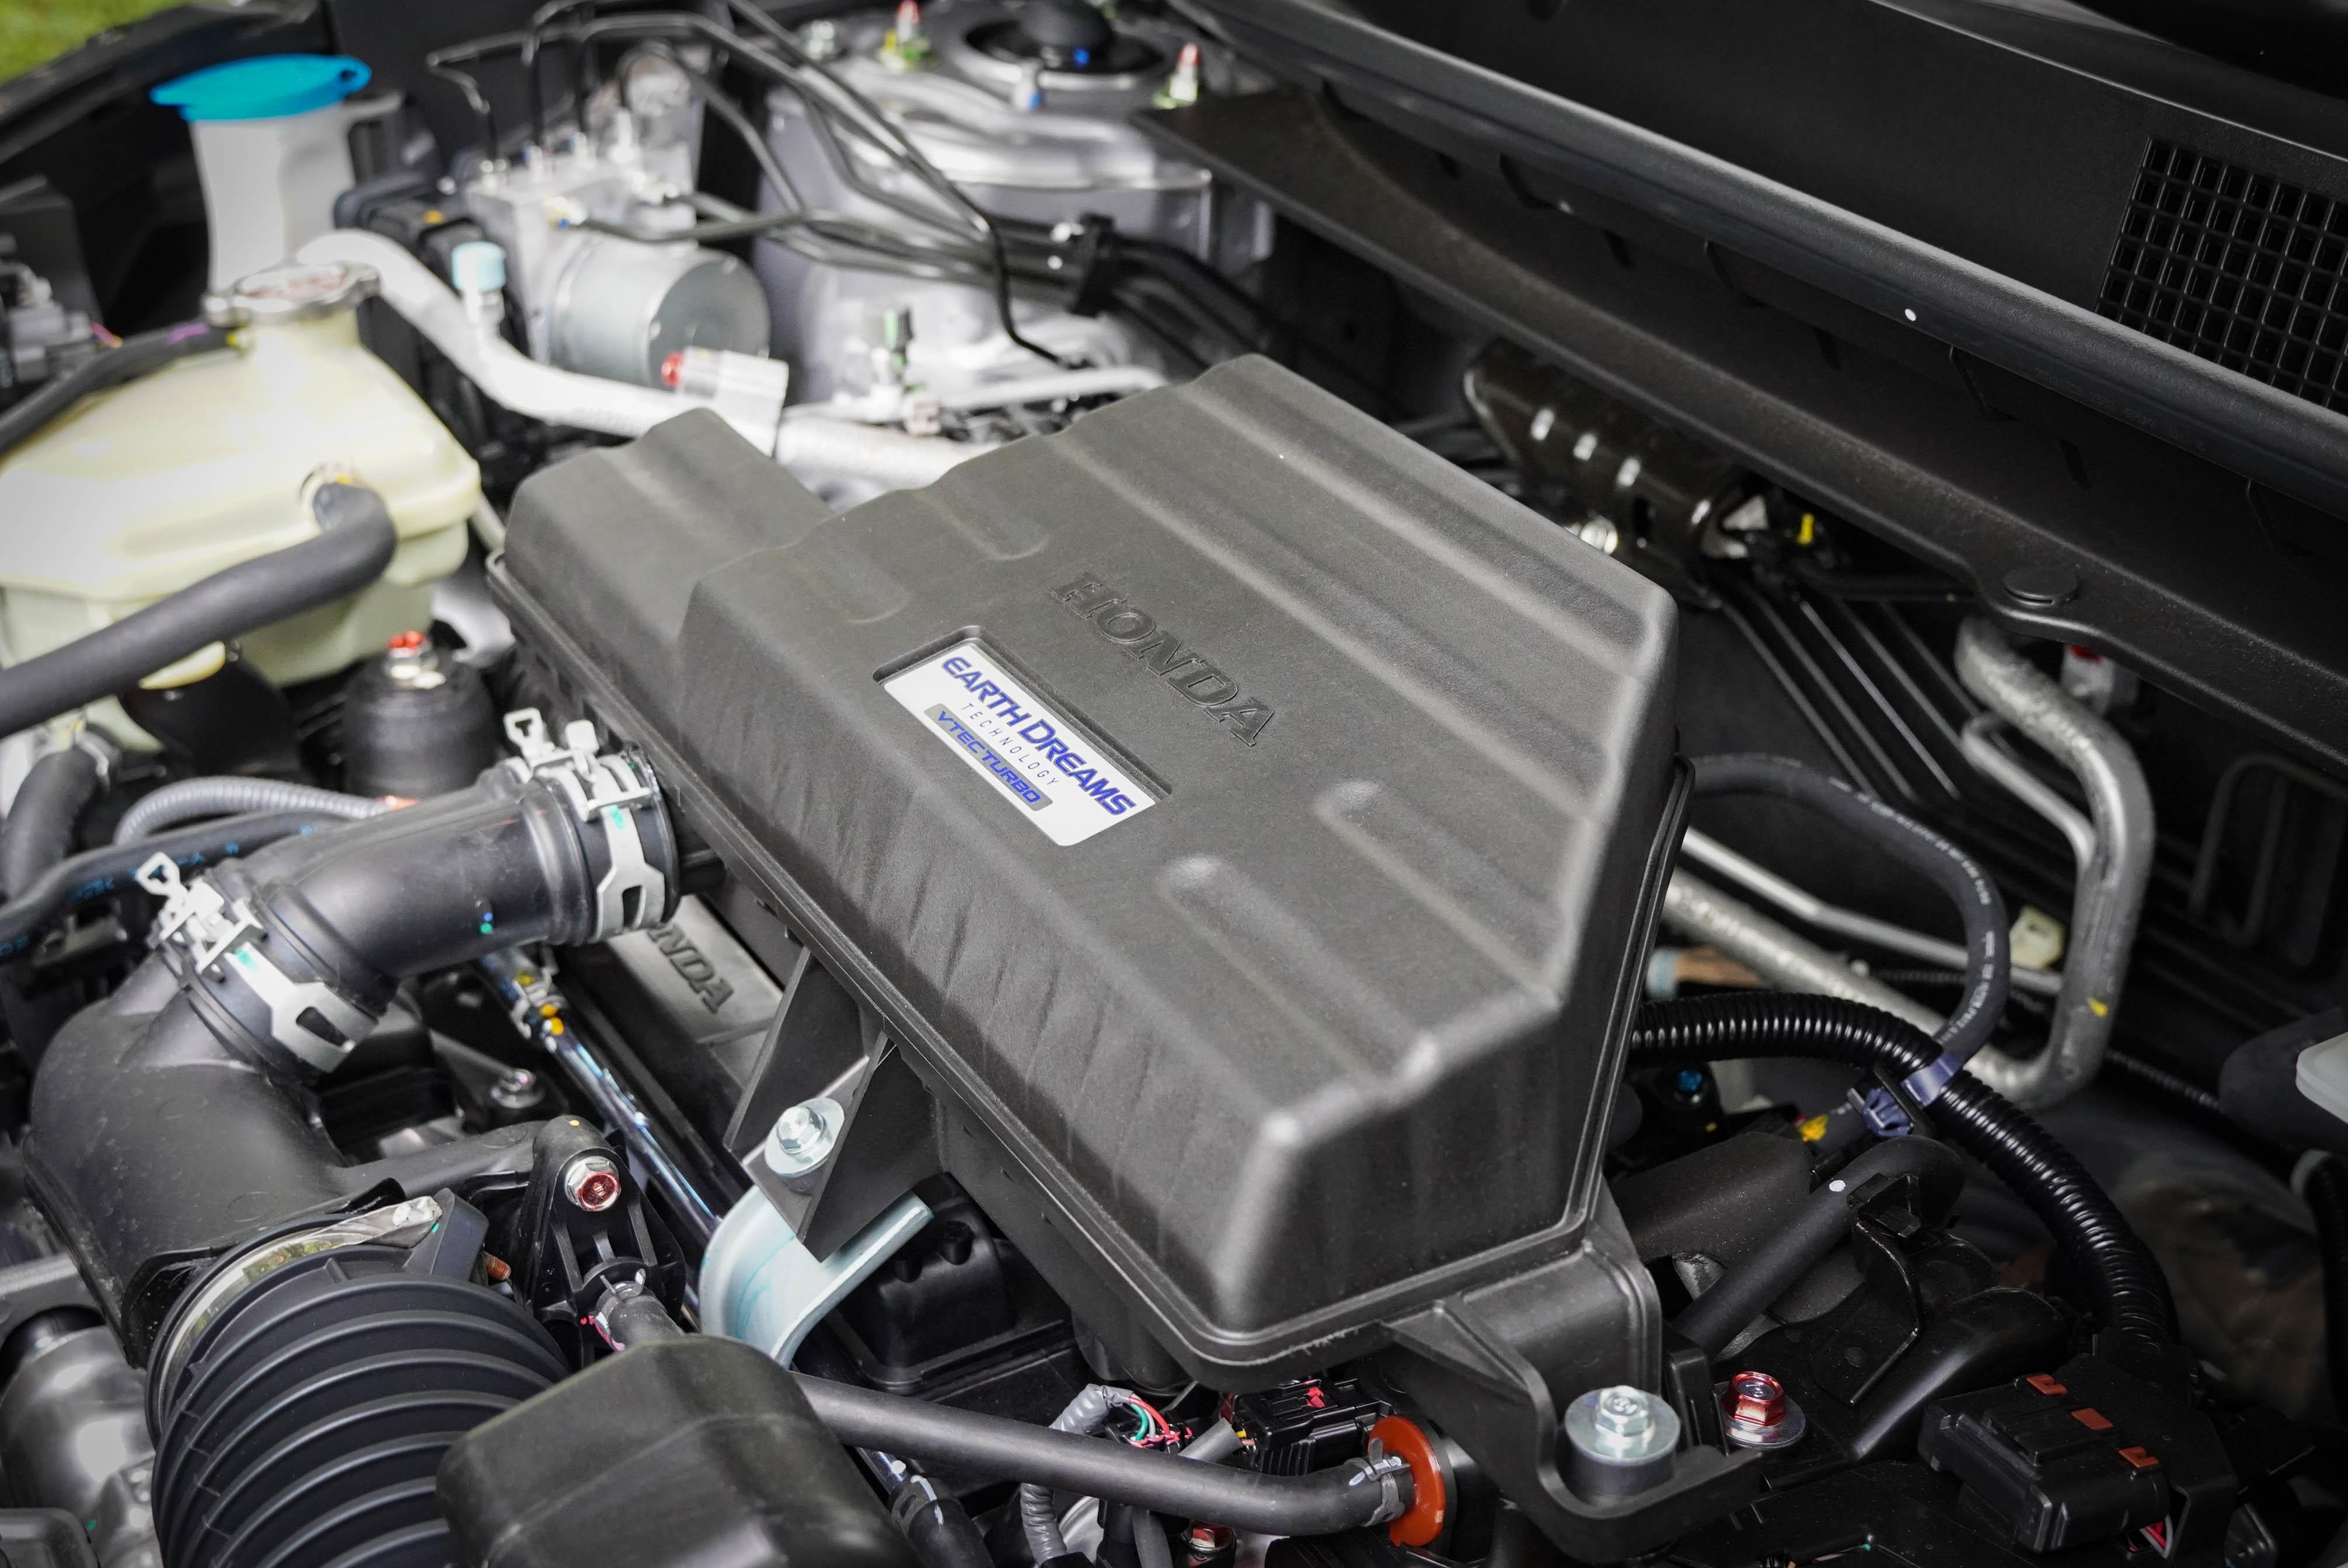 Earth Dreams VTEC Turbo 引擎輸出為 193 匹馬力、24.8 公斤米扭力。